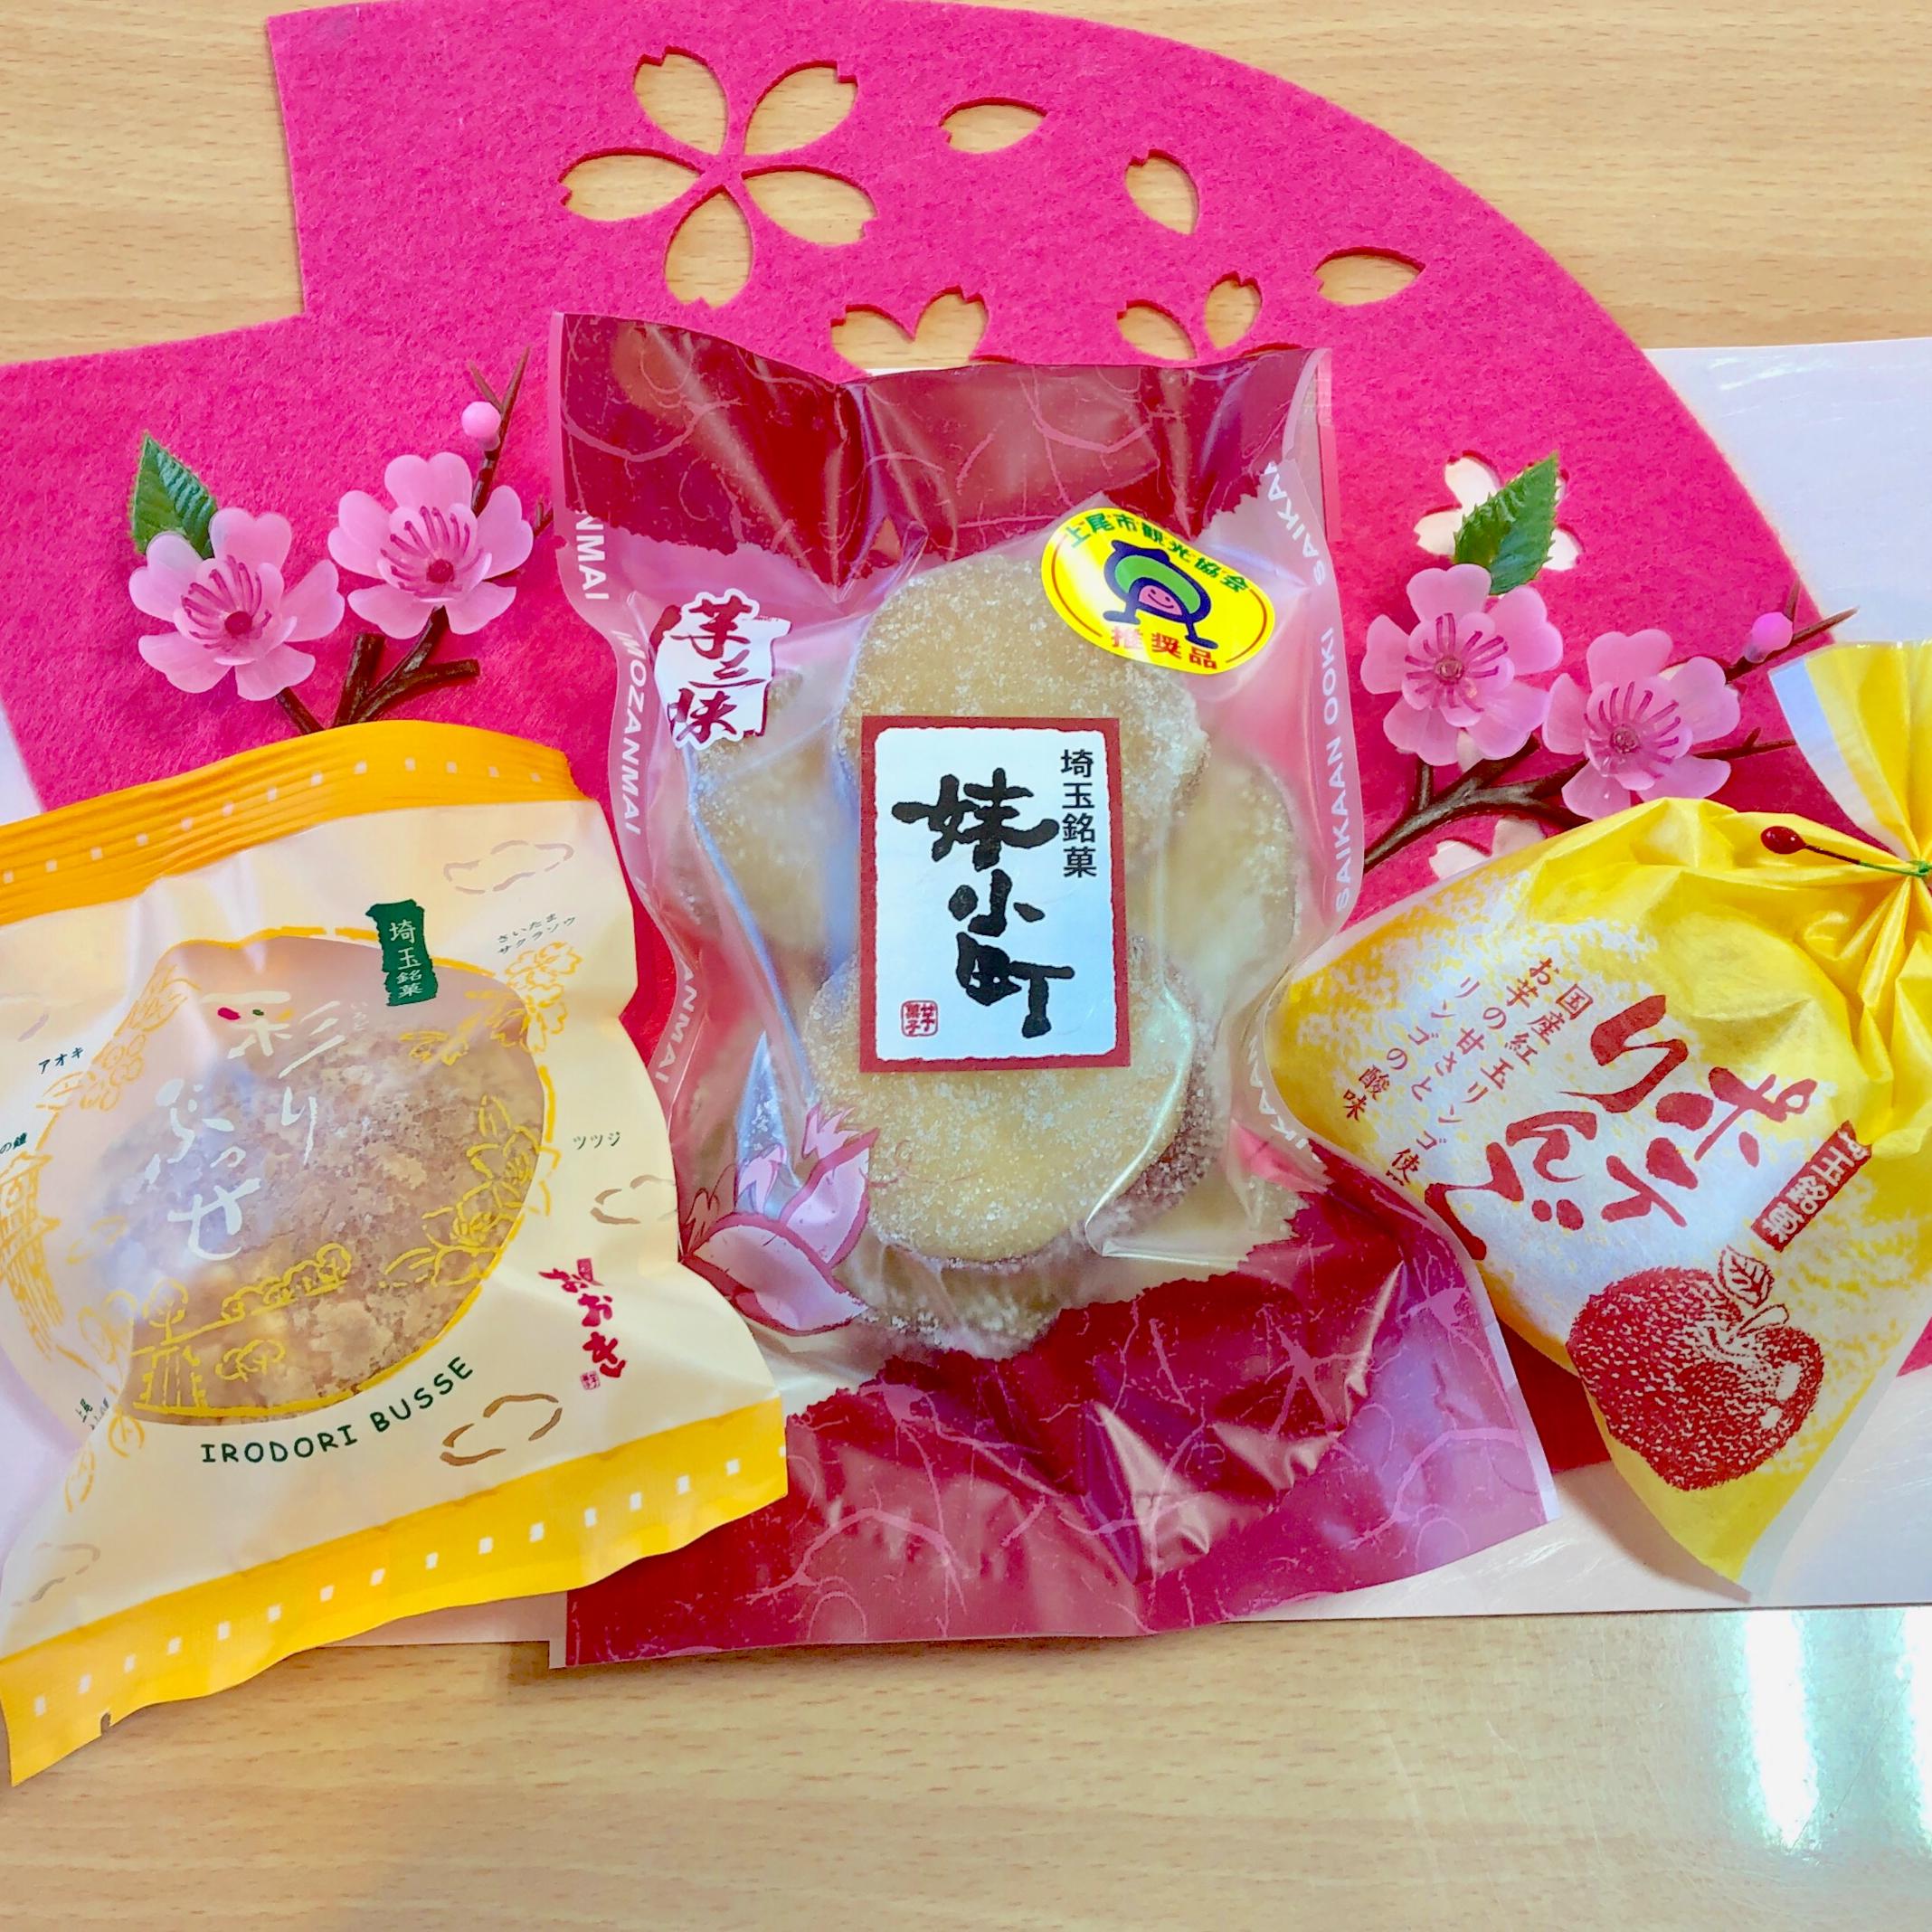 彩菓庵おおき|上尾の芋菓子専門店は手土産にぴったり!店員さんに聞いた人気商品も紹介